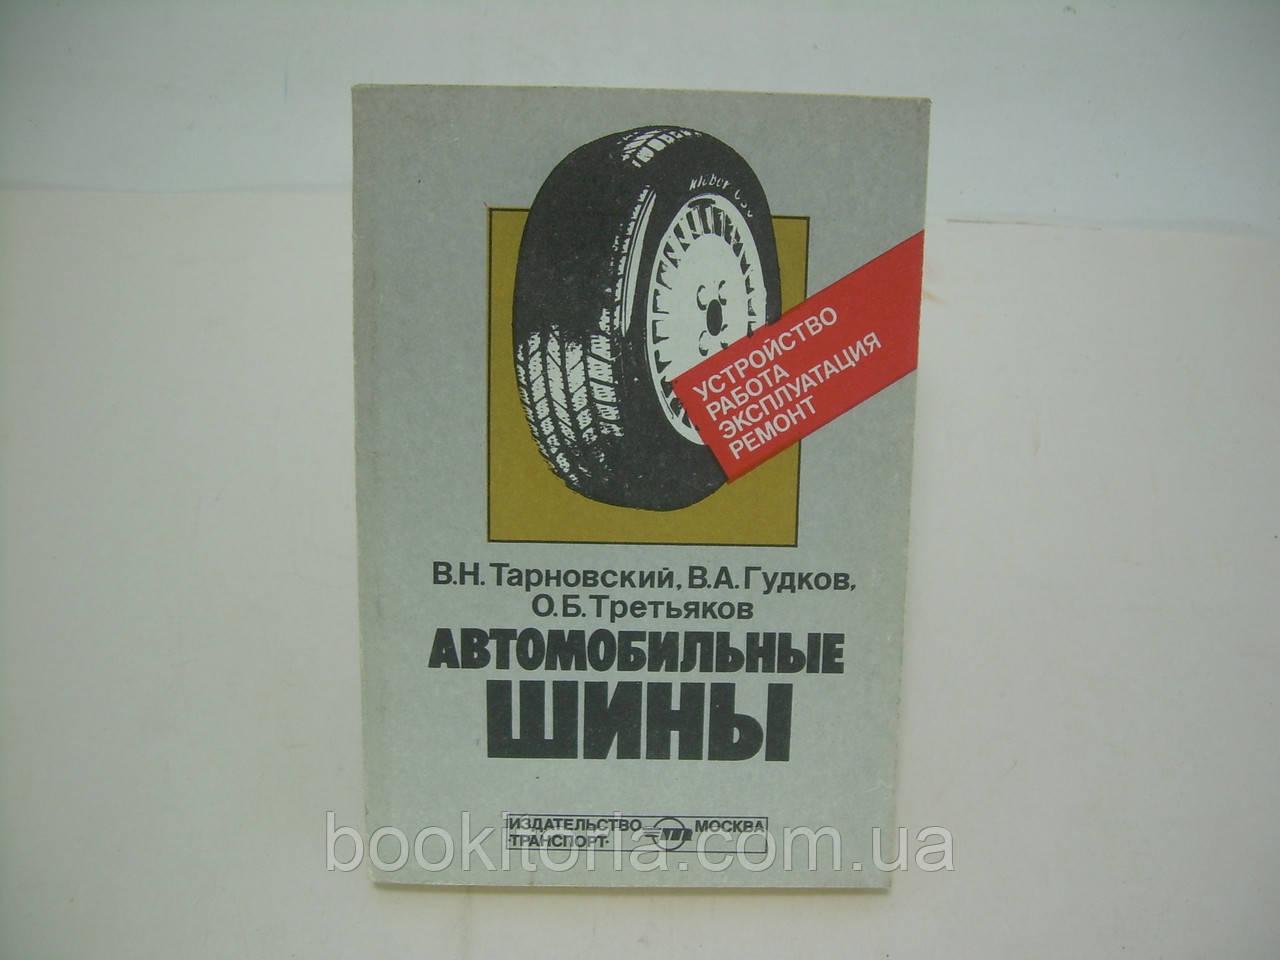 Тарновский В.Н. и др. Автомобильные шины. Устройство, работа, эксплуатация, ремонт (б/у).